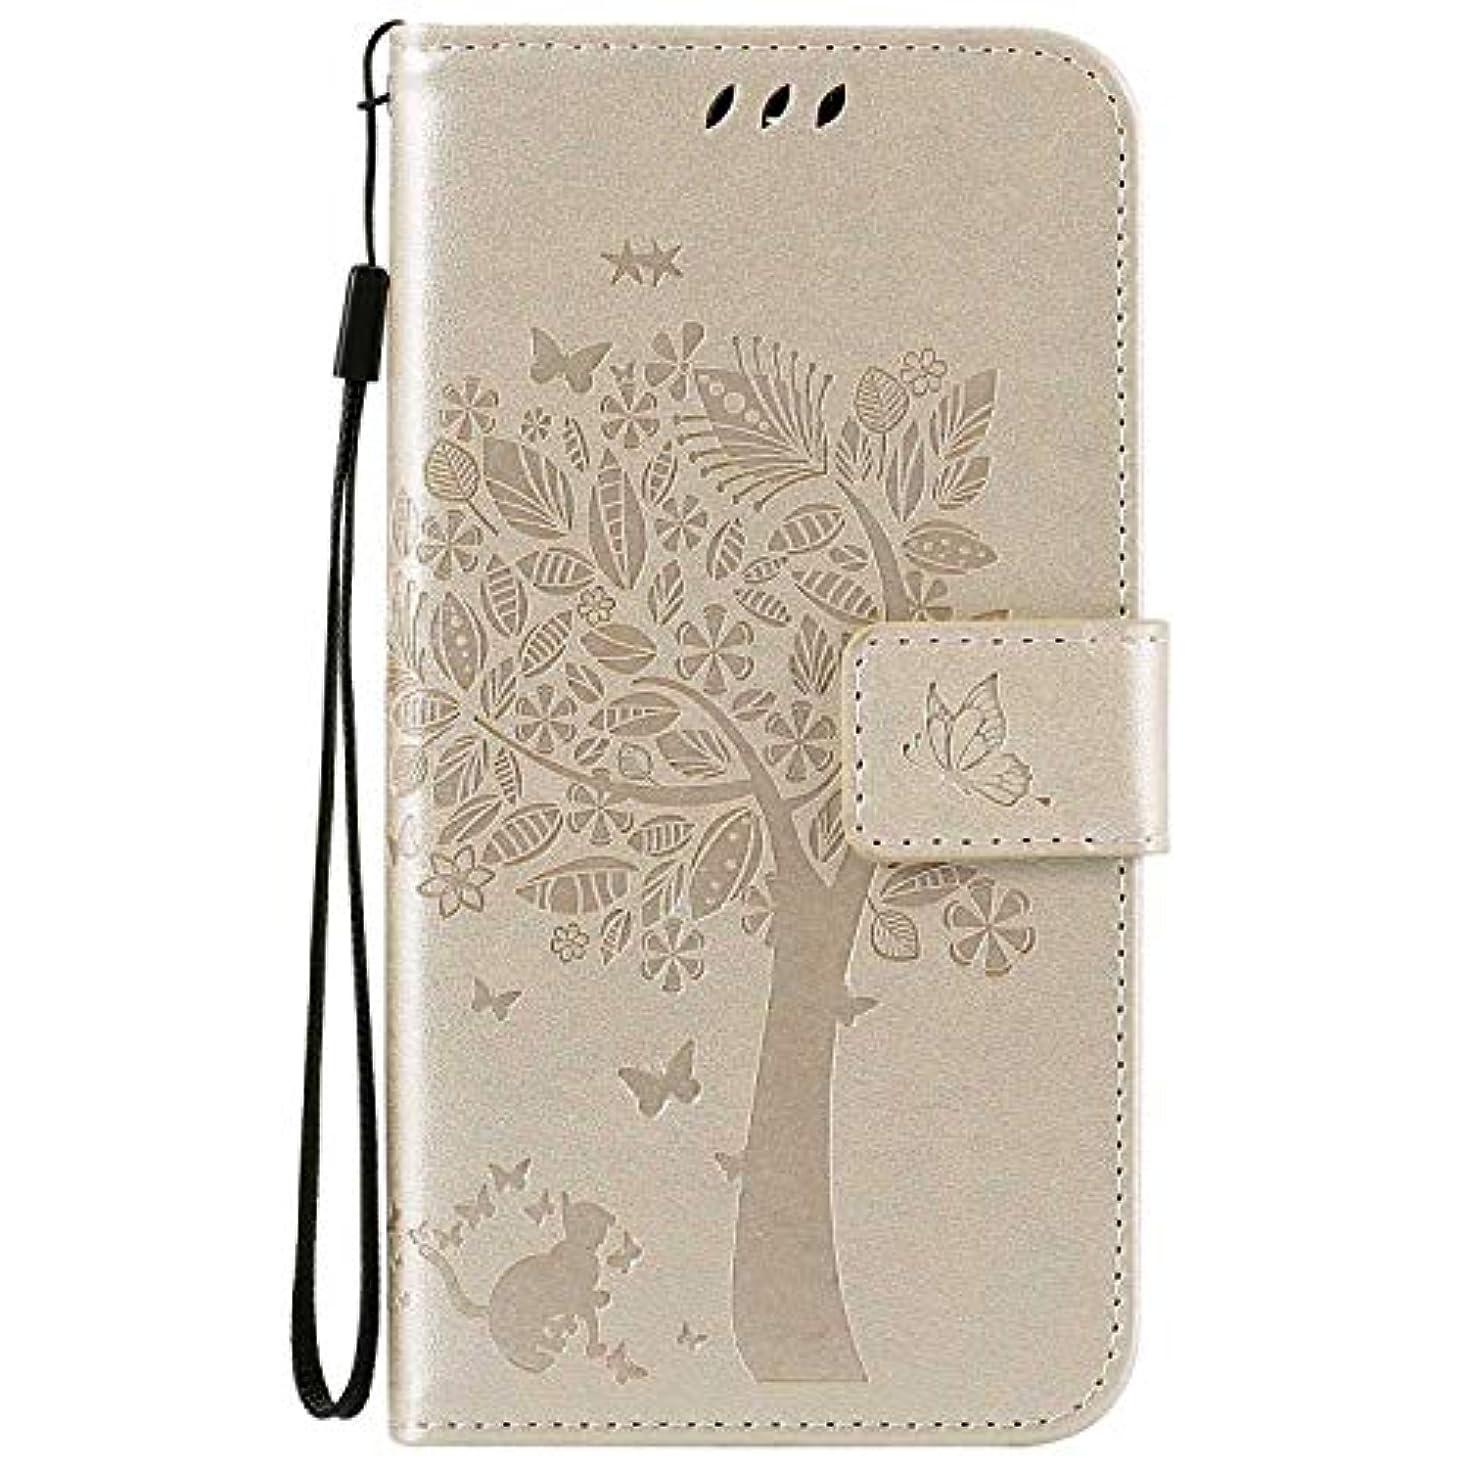 スリム昼寝流用するOMATENTI LG K7 / K8 ケース 手帳型ケース ウォレット型 カード収納 ストラップ付き 高級感PUレザー 押し花木柄 落下防止 財布型 カバー LG K7 / K8 用 Case Cover, 白